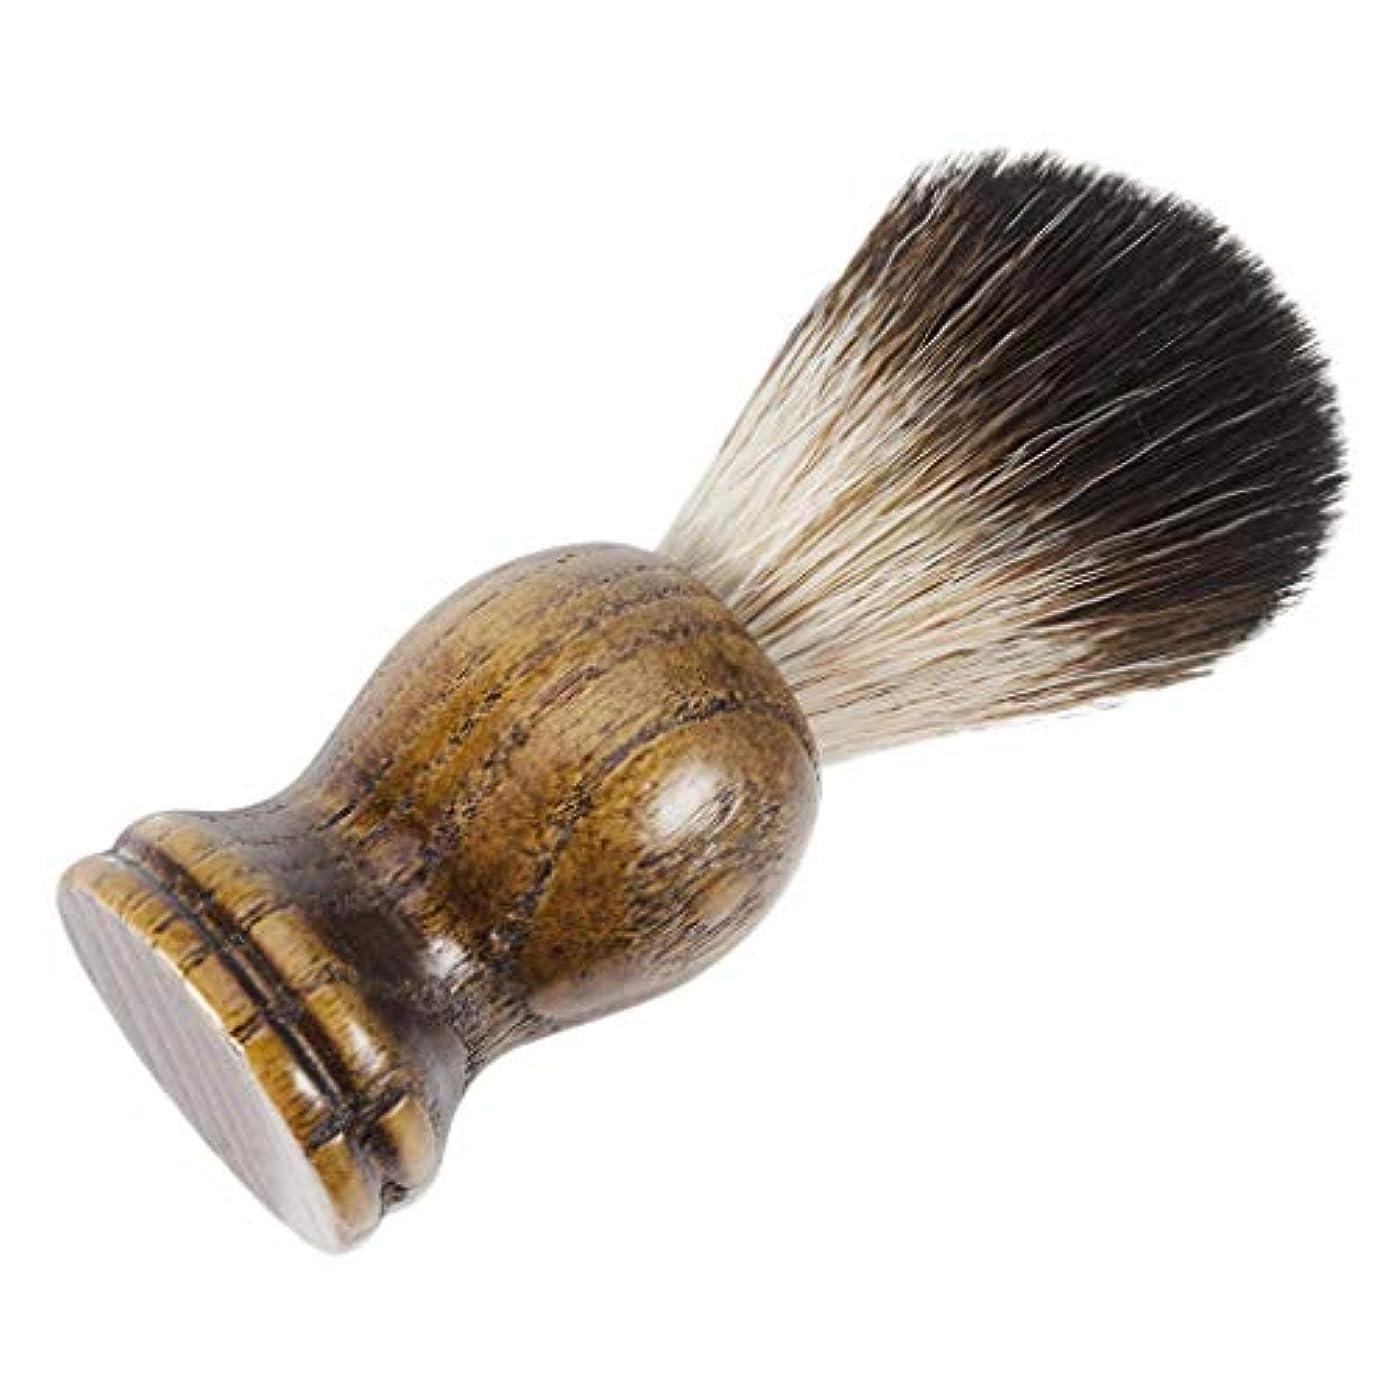 章ラグ拡声器Hellery ひげブラシ シェービング ブラシ メンズ 理容 洗顔 髭剃り 泡立ち シェービング用アクセサリー